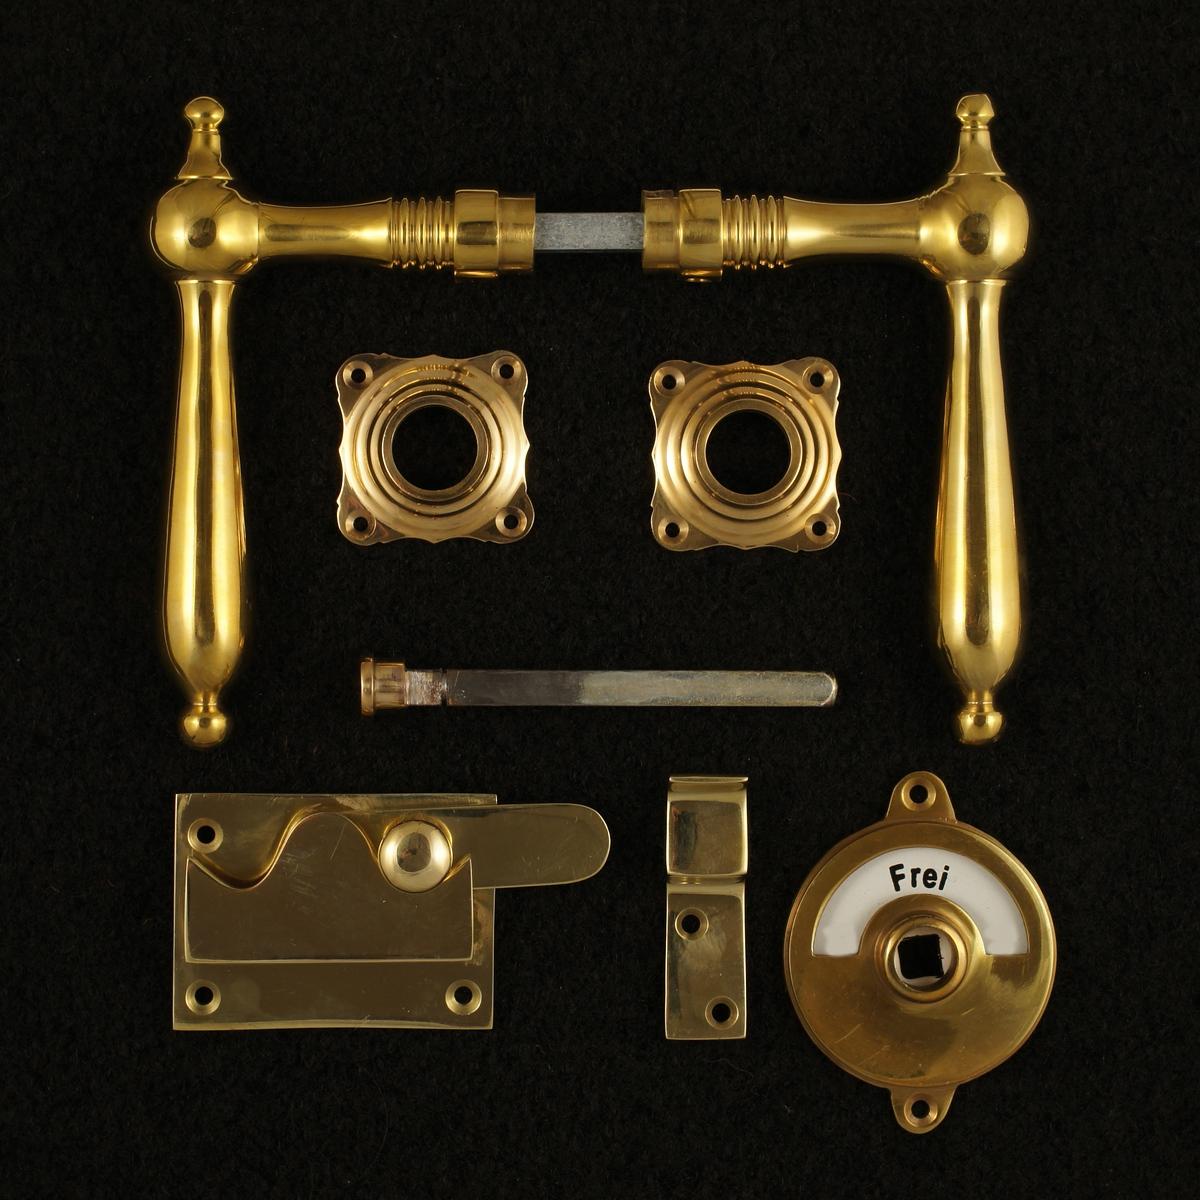 341.0059.35 WC-Zimmertür Rosettengarnitur - antike Türdrücker, Türklinken, Türbeschläge